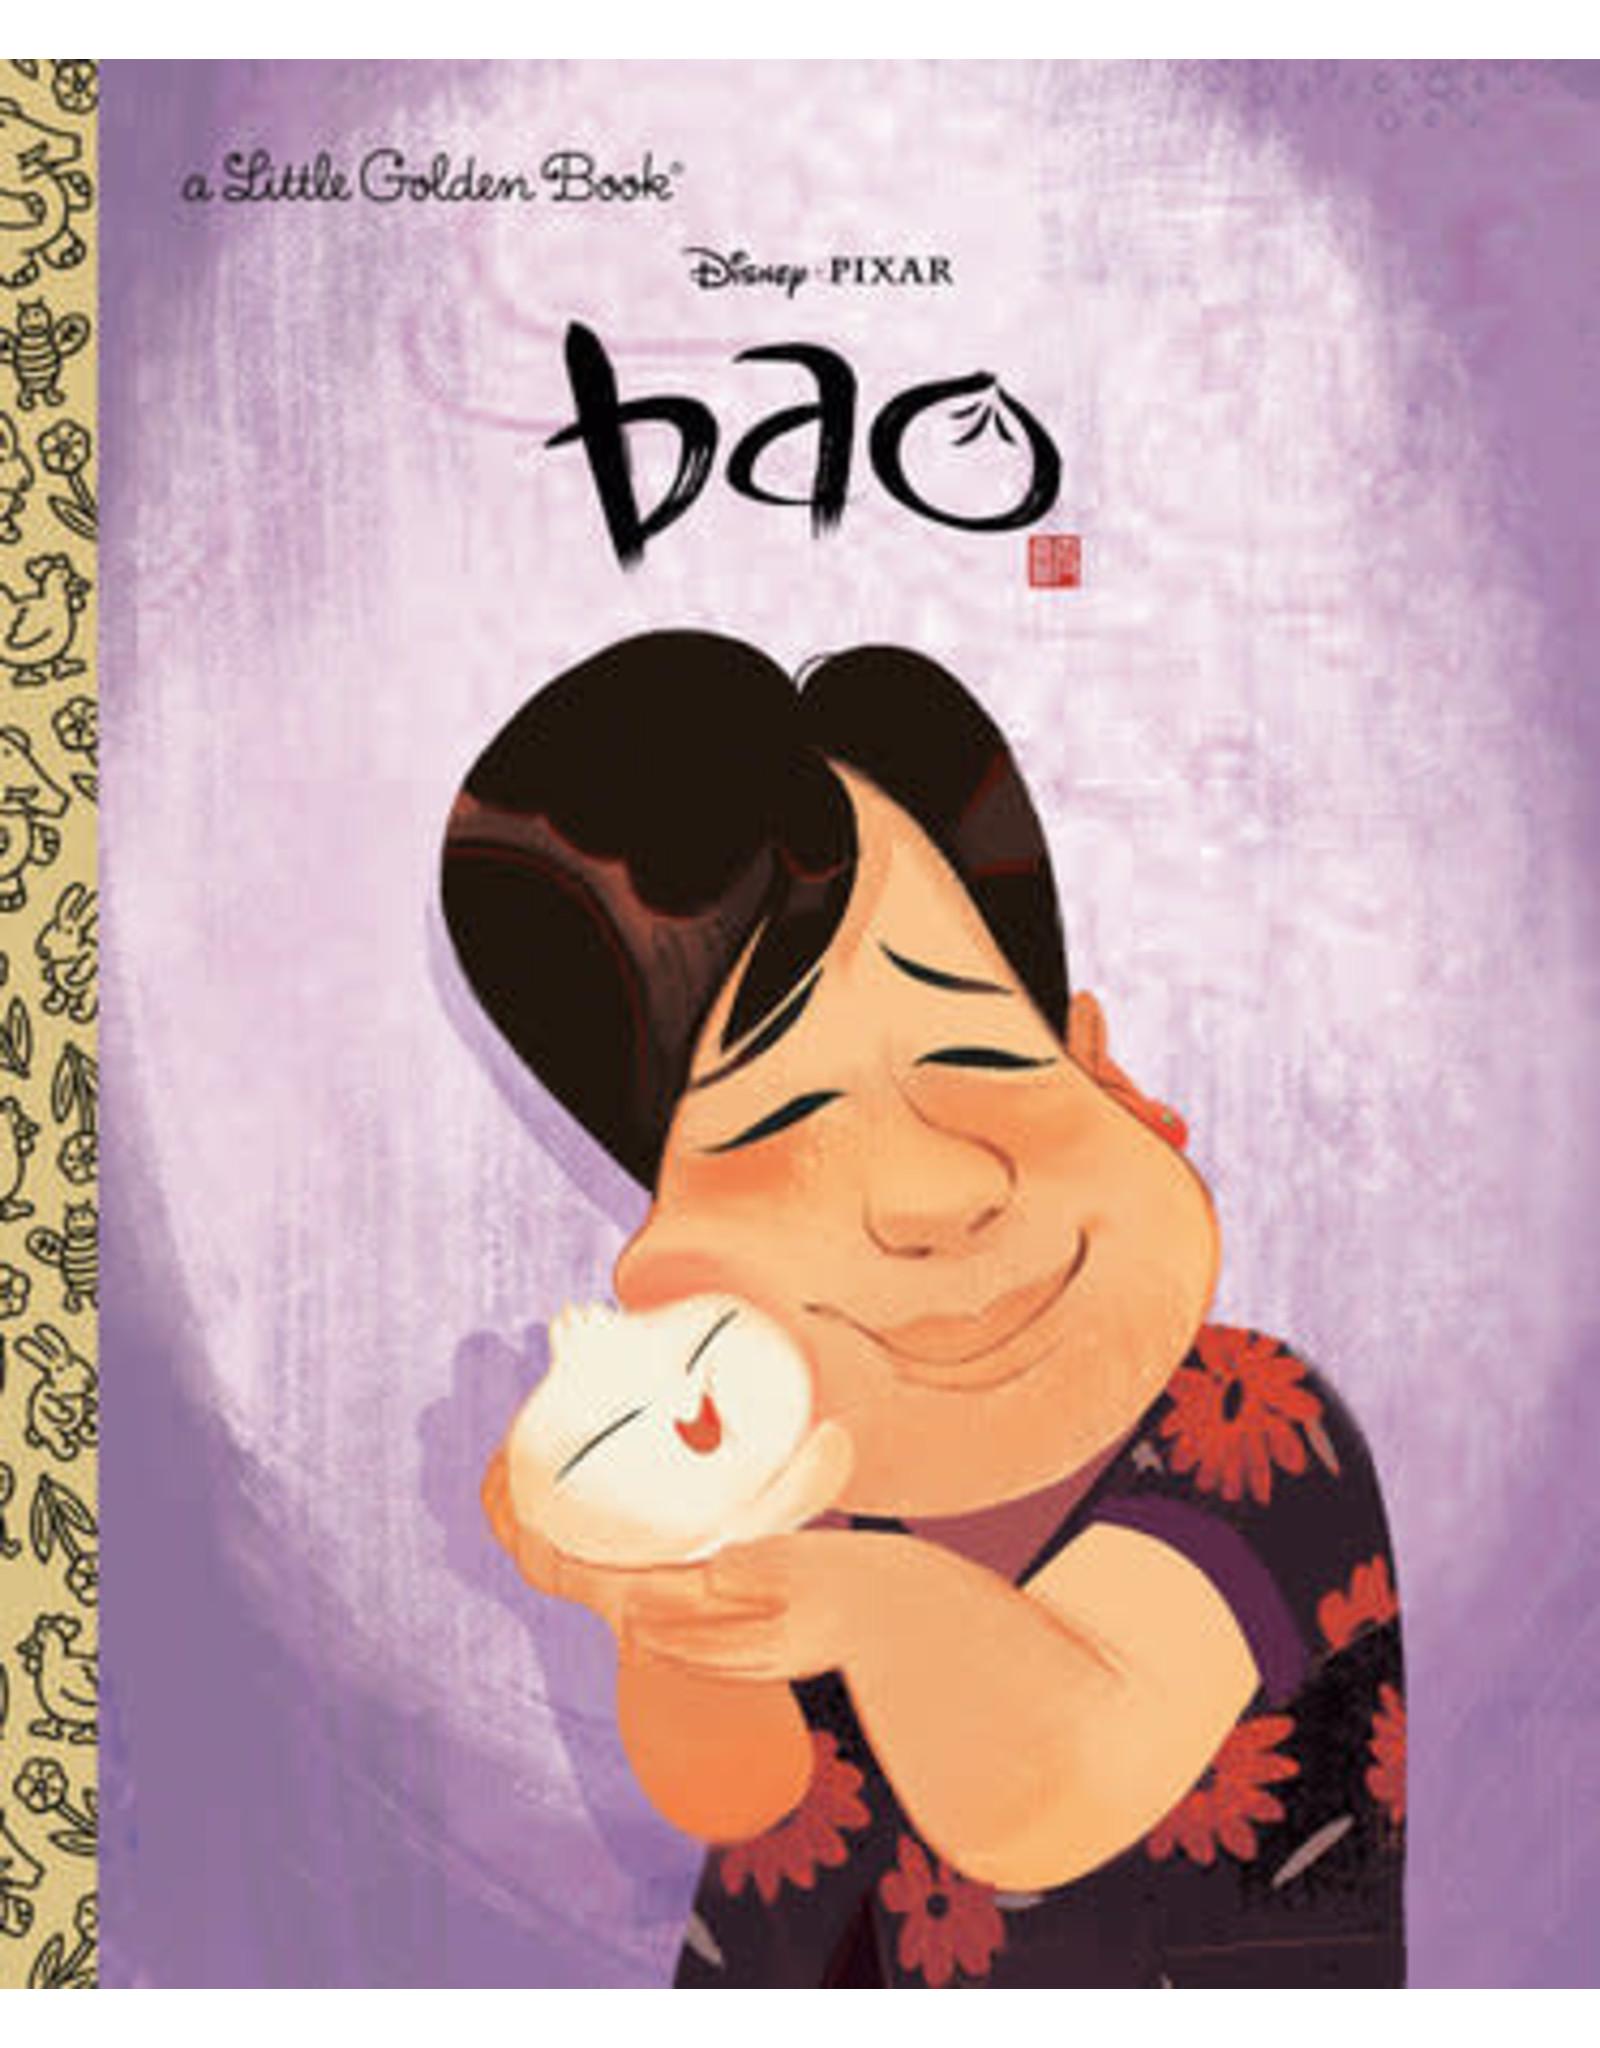 Little Golden Books Disney/Pixar Bao Little Golden Book